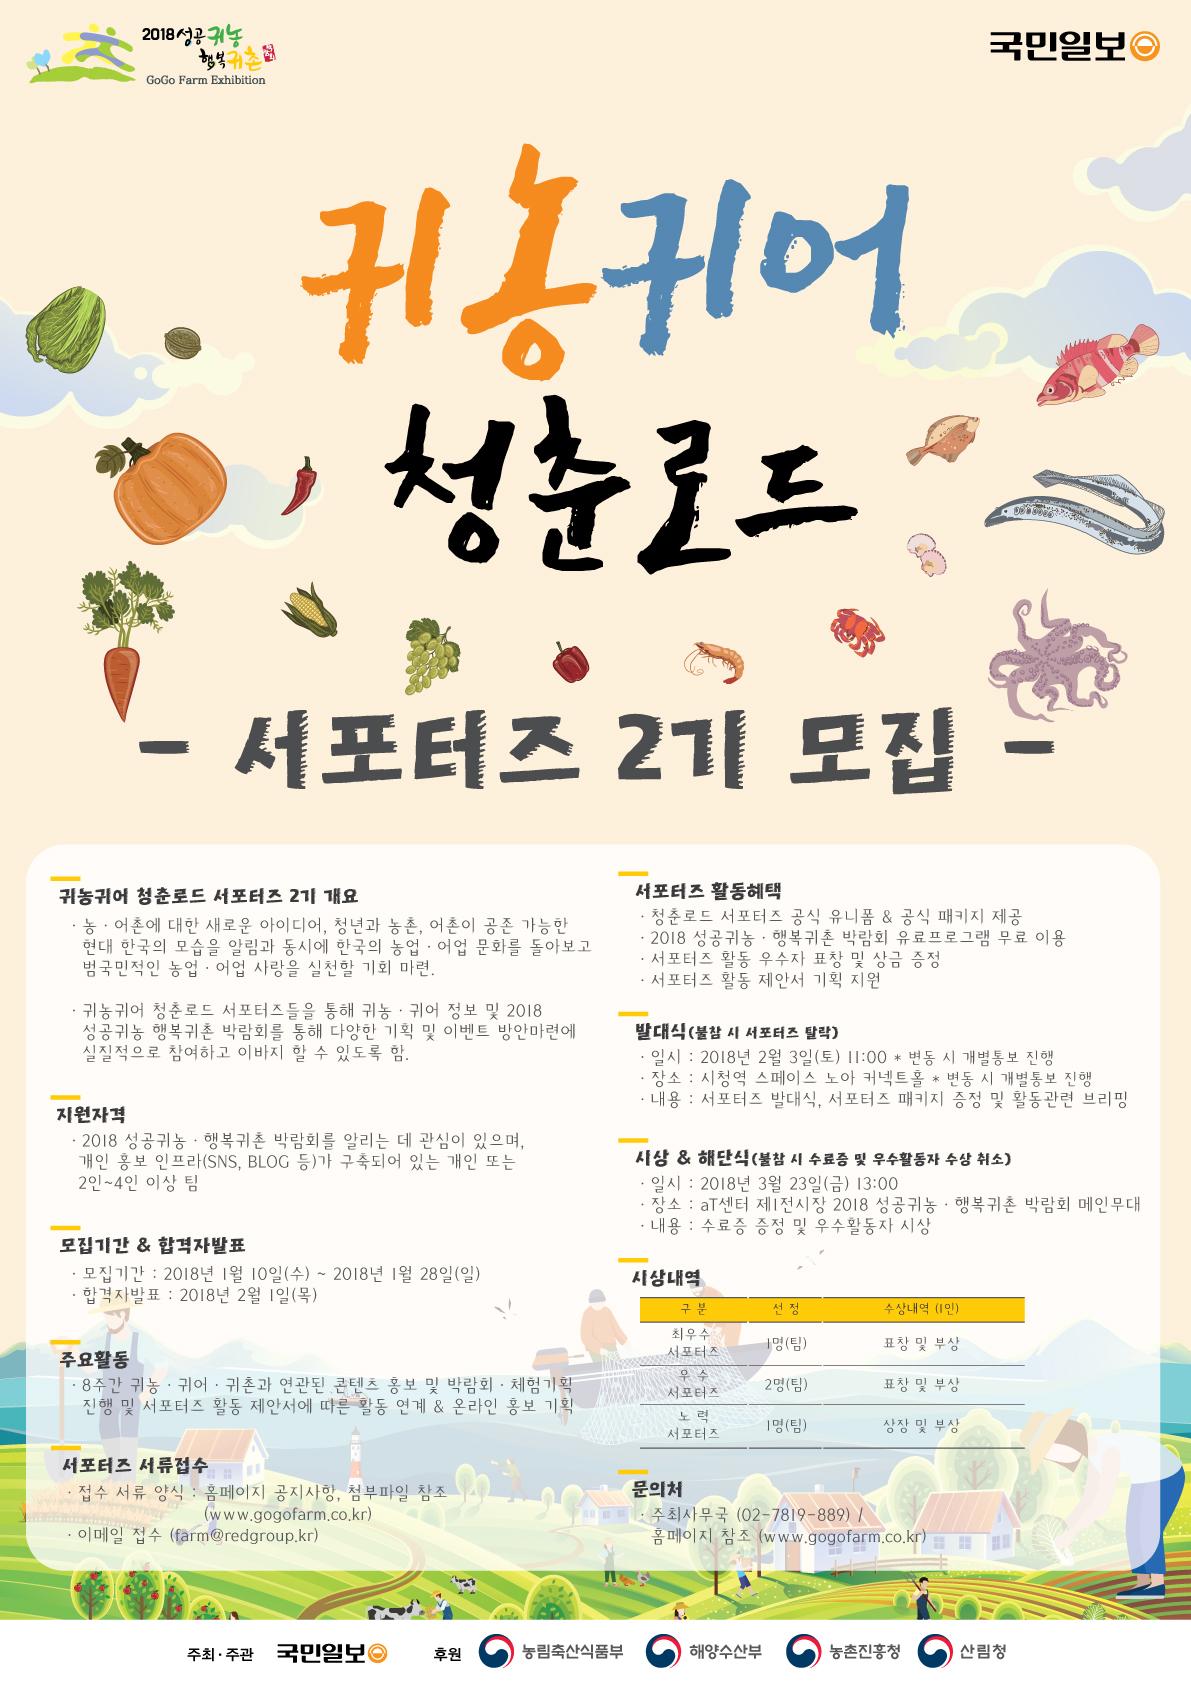 2018 귀농귀어 청춘로드 서포터즈 2기 모집